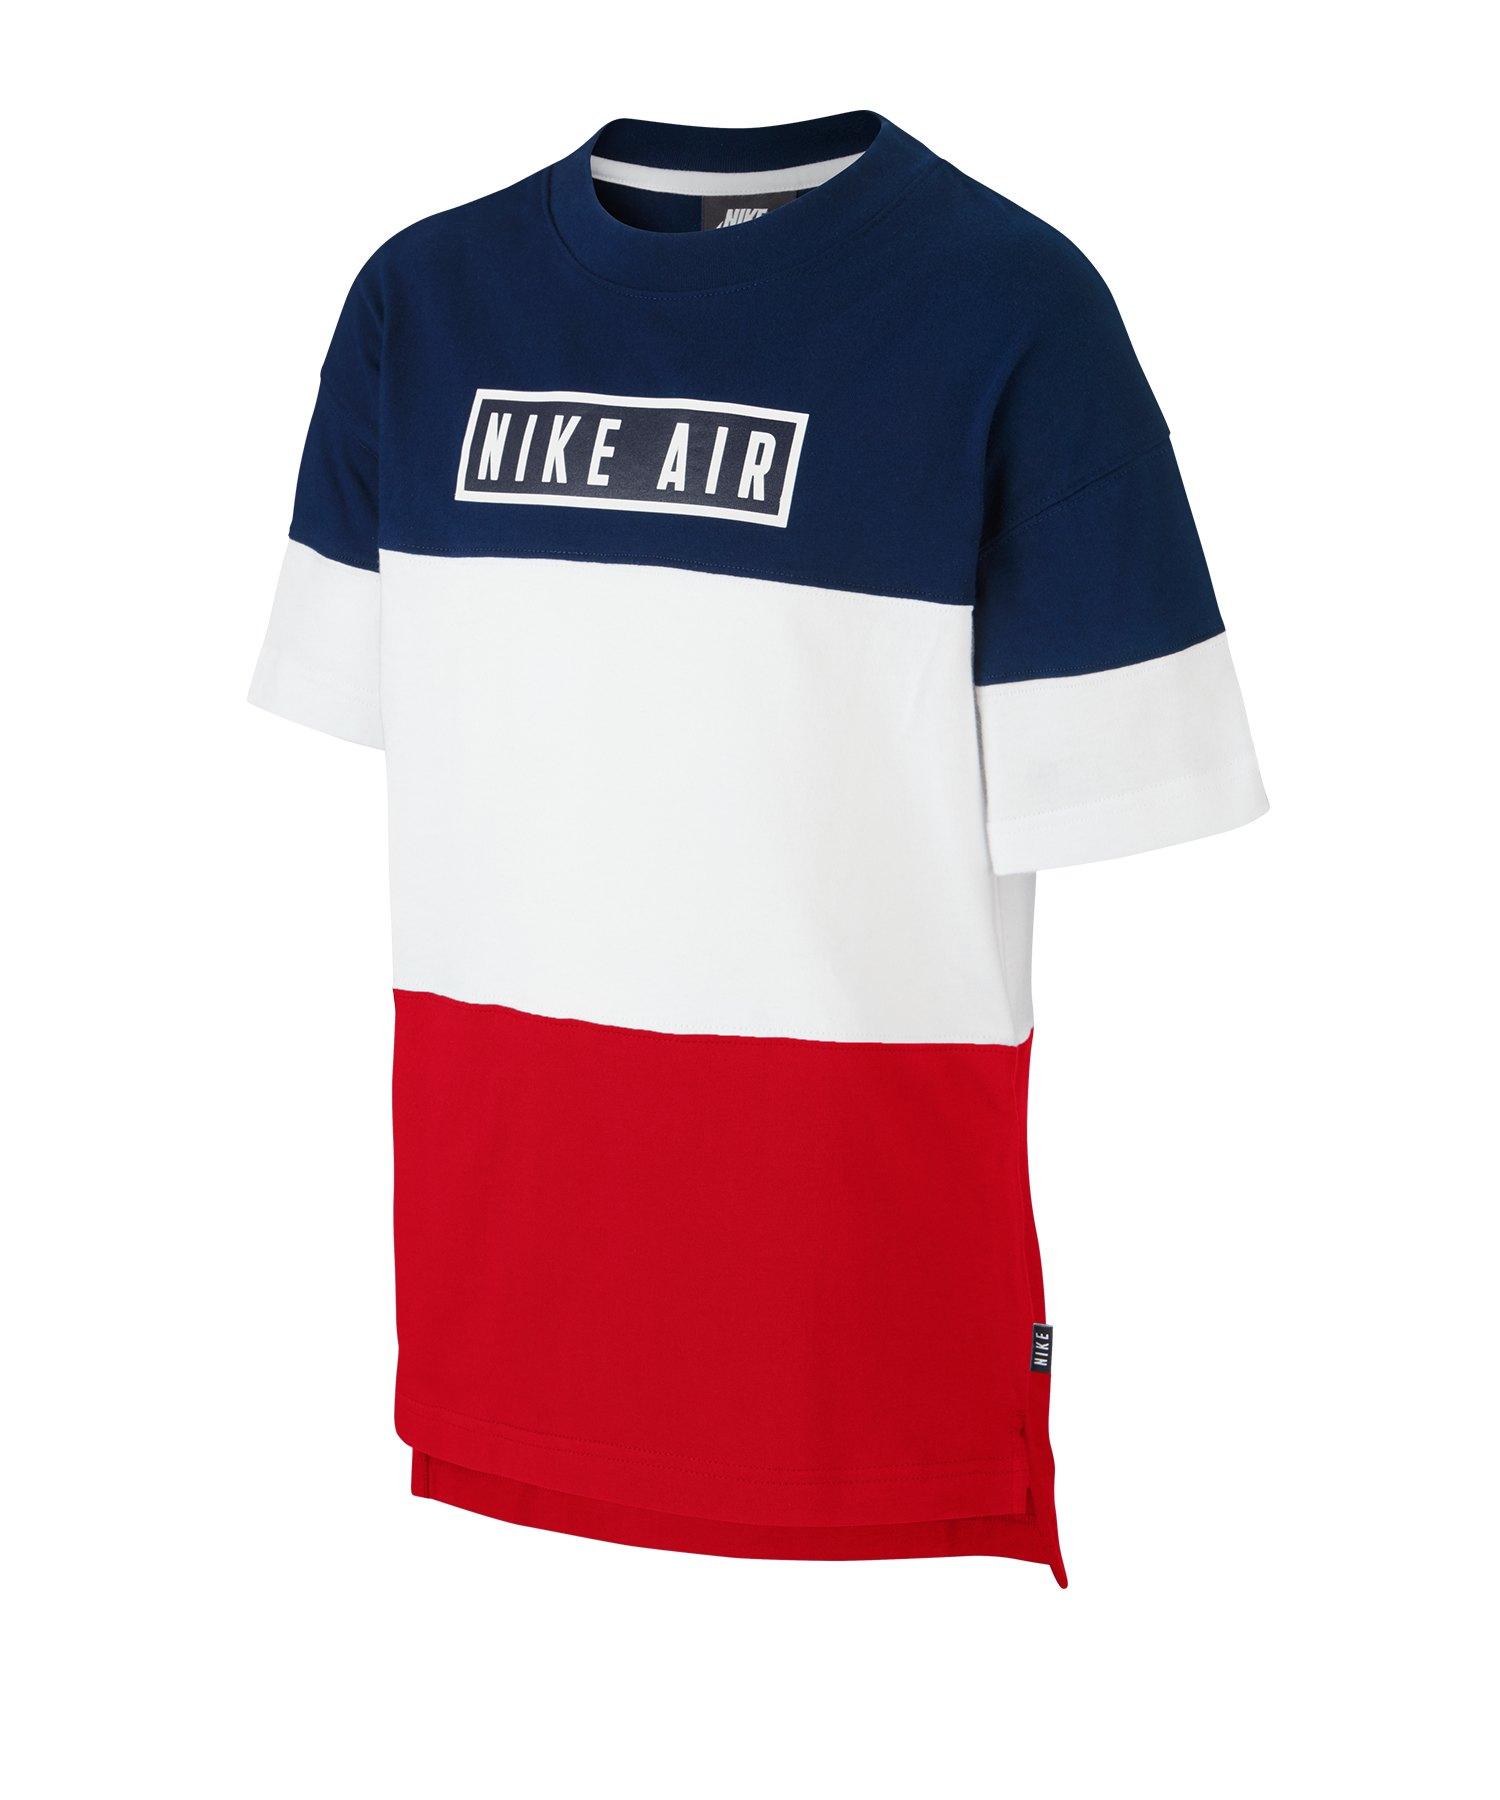 Nike Air Tee Top kurzarm Kids Blau F493 - blau